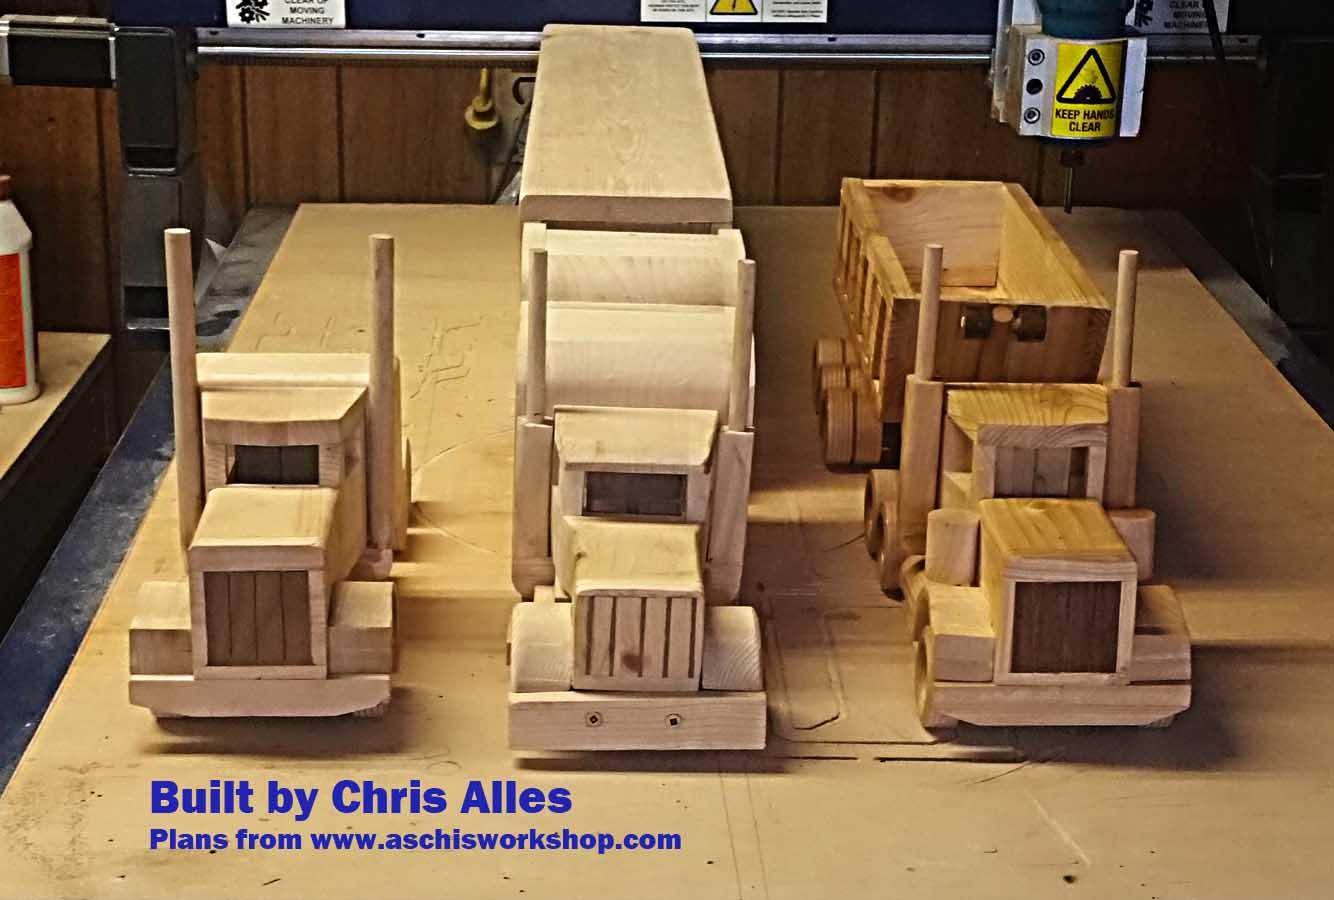 ChrisAlles546.jpg - 112.85 kb